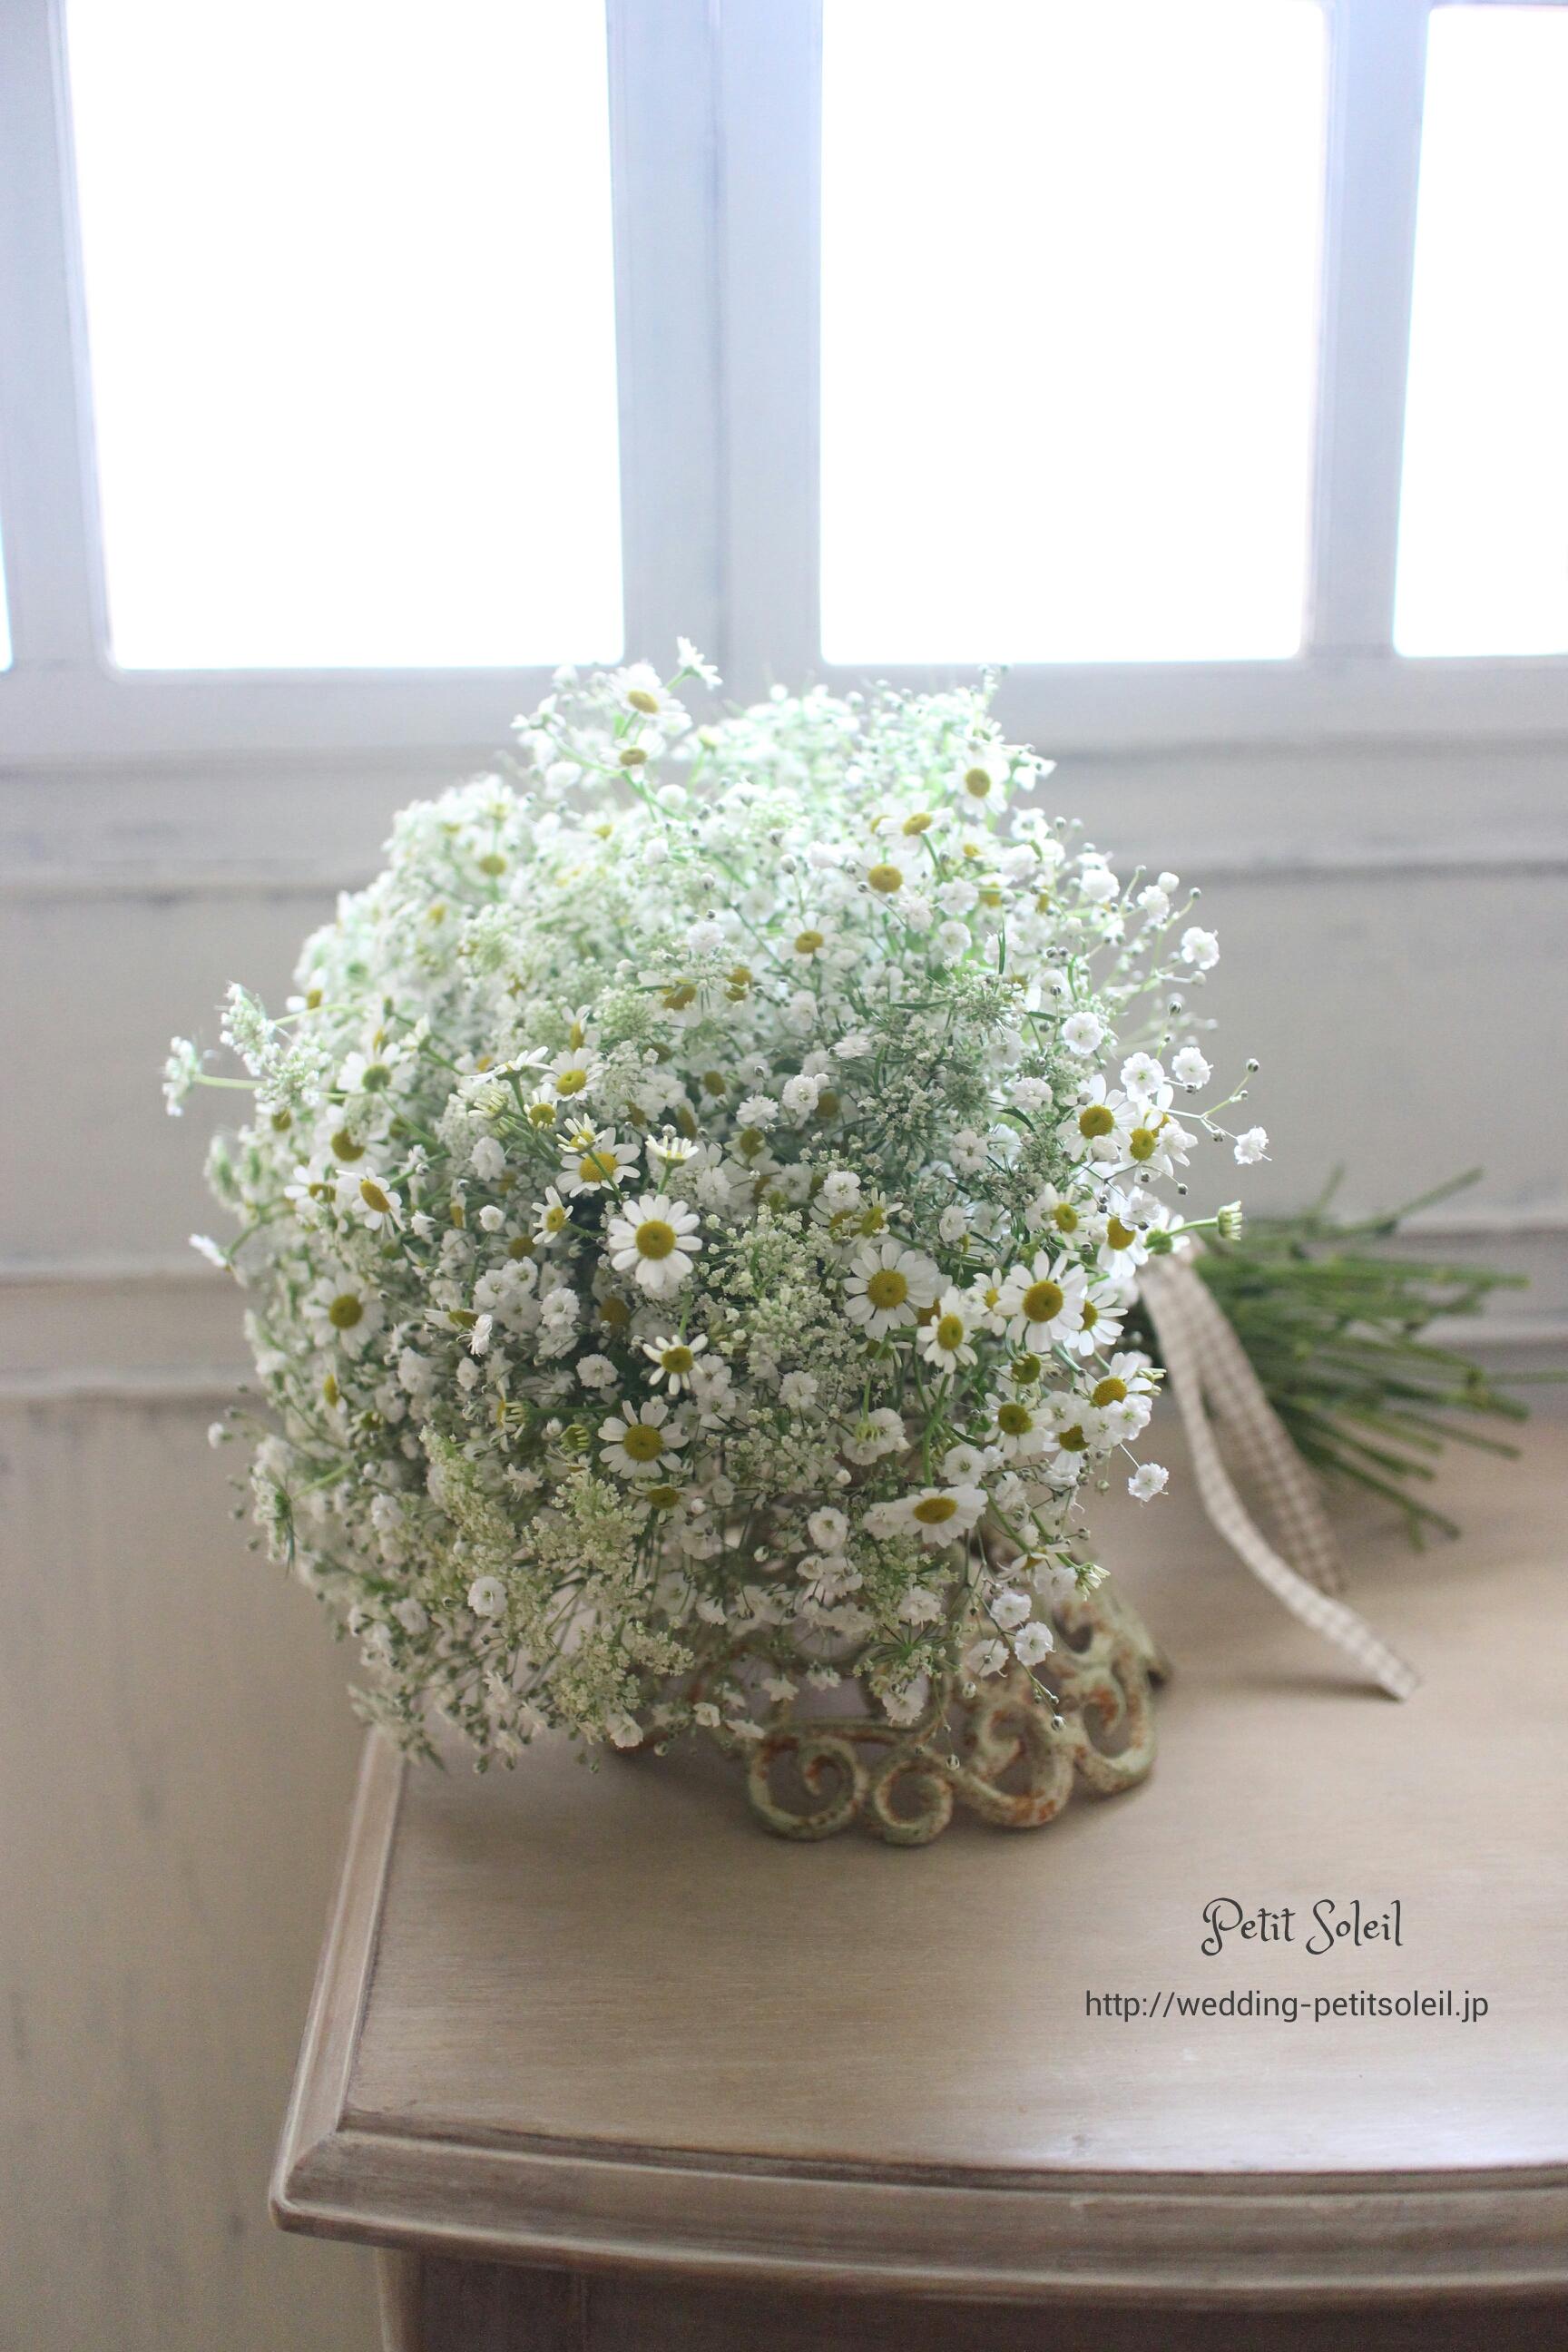 229.小花のクラッチブーケ